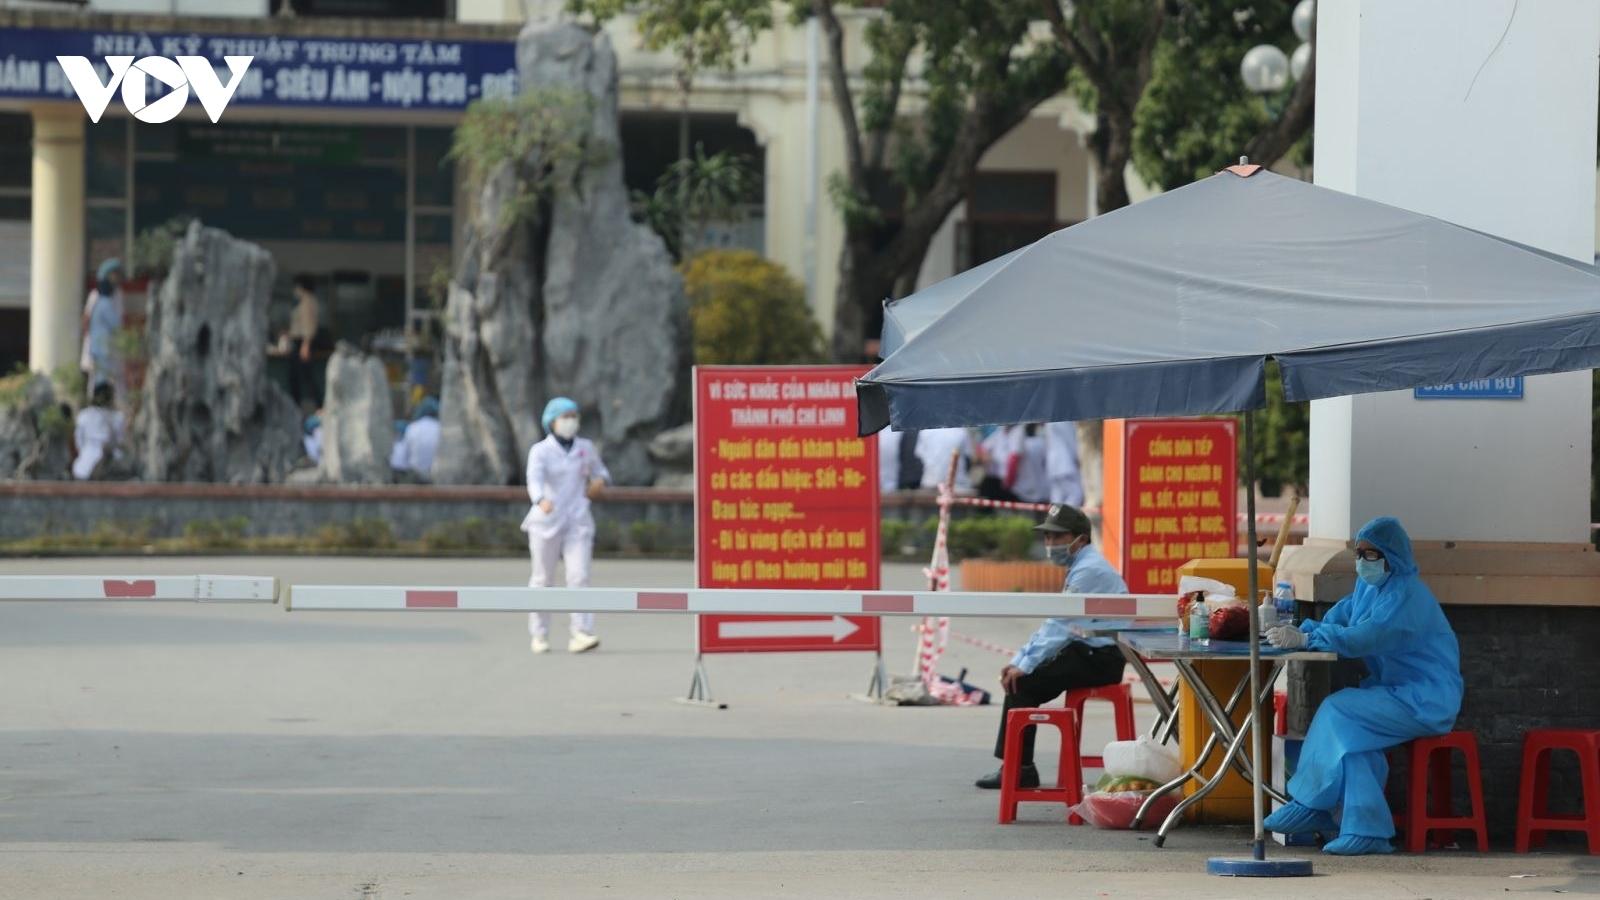 Hải Dương tăng tốc truy vết trên diện rộng ở Thị xã Kinh Môn